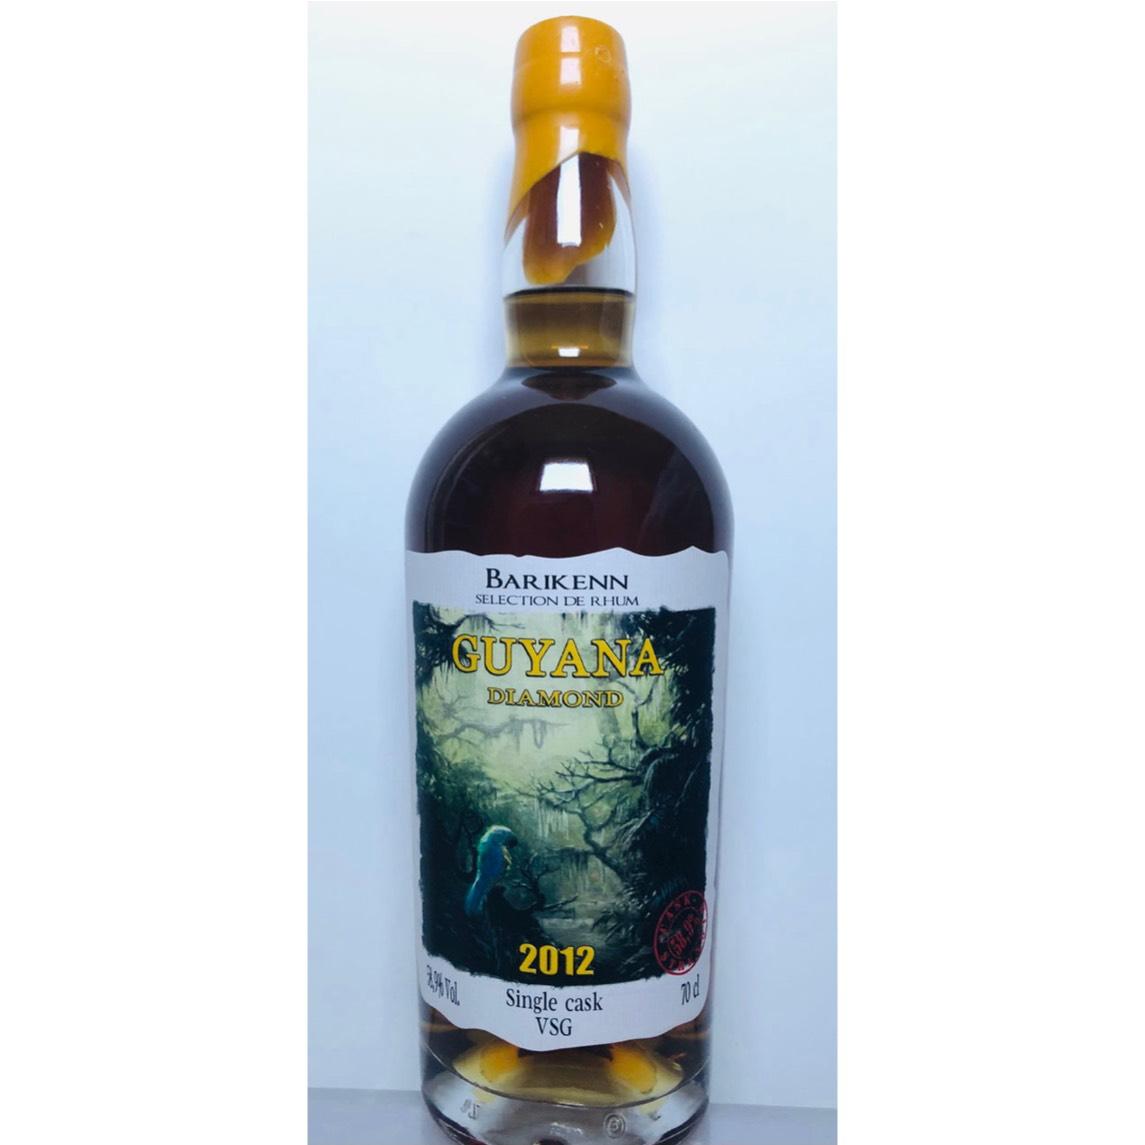 Bottle image of Versailles VSG